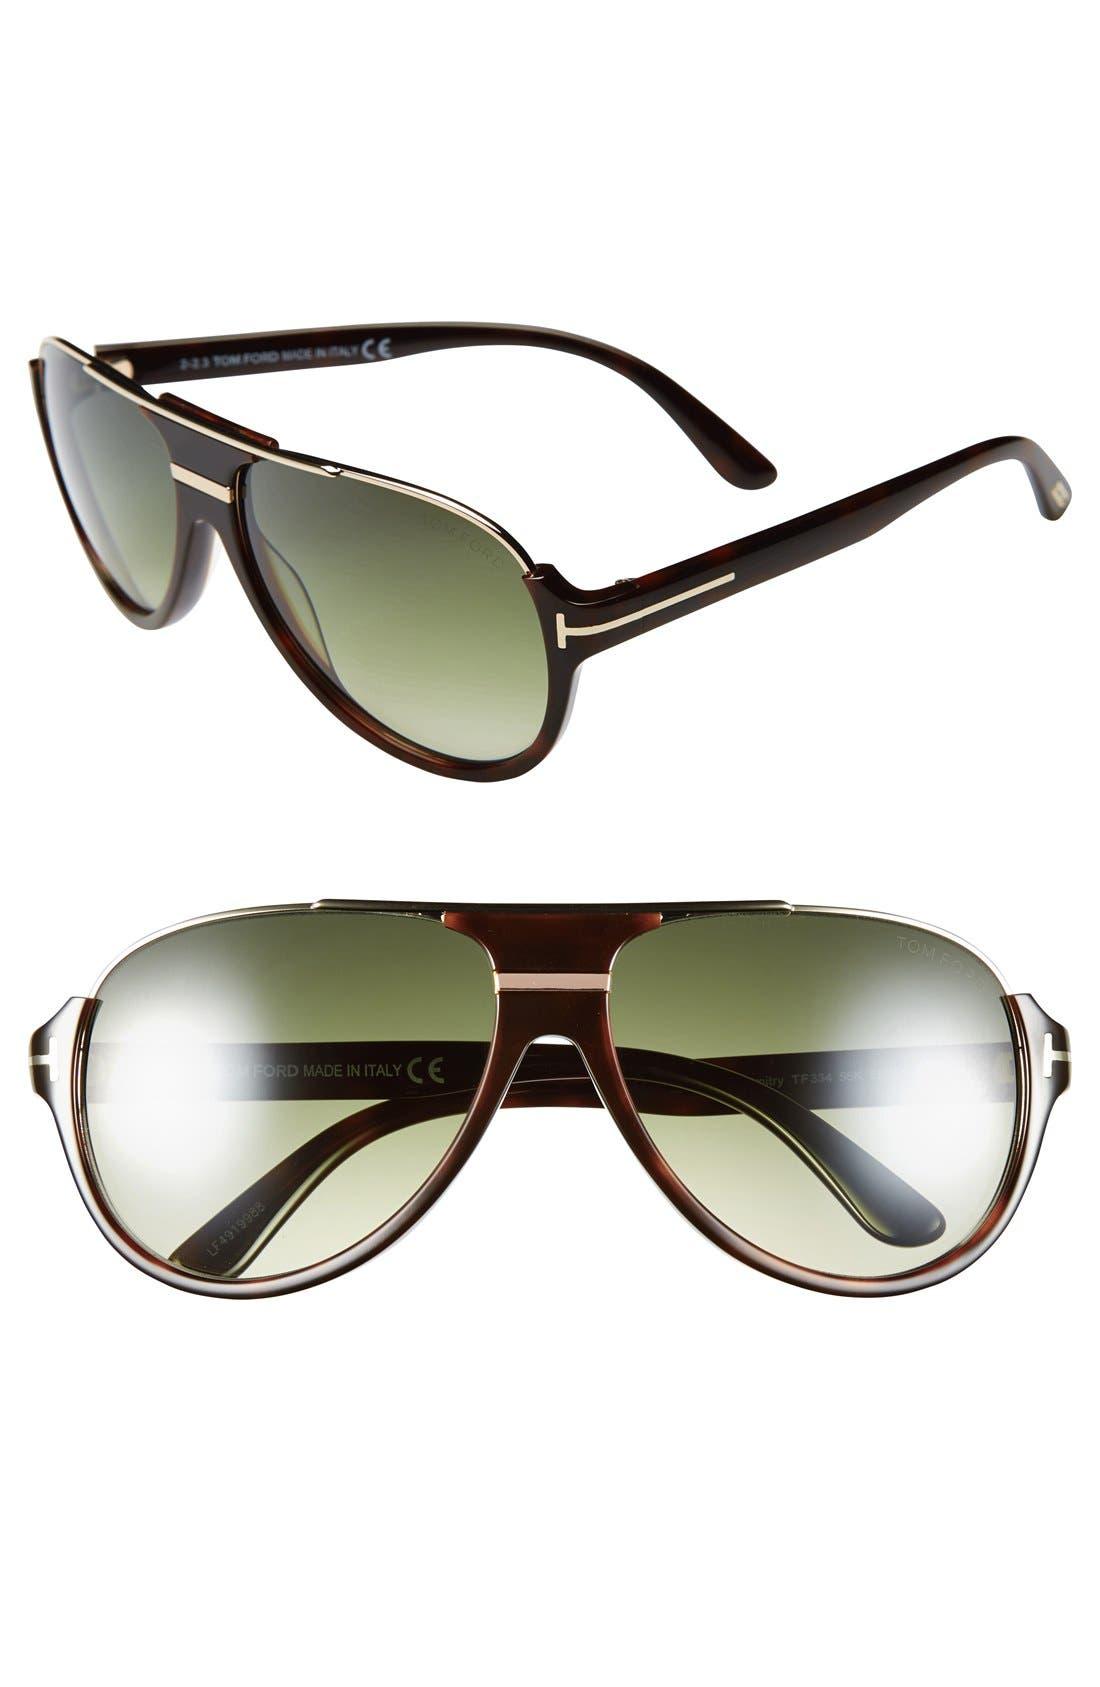 Alternate Image 1 Selected - Tom Ford 'Dimitry' 59mm Aviator Sunglasses